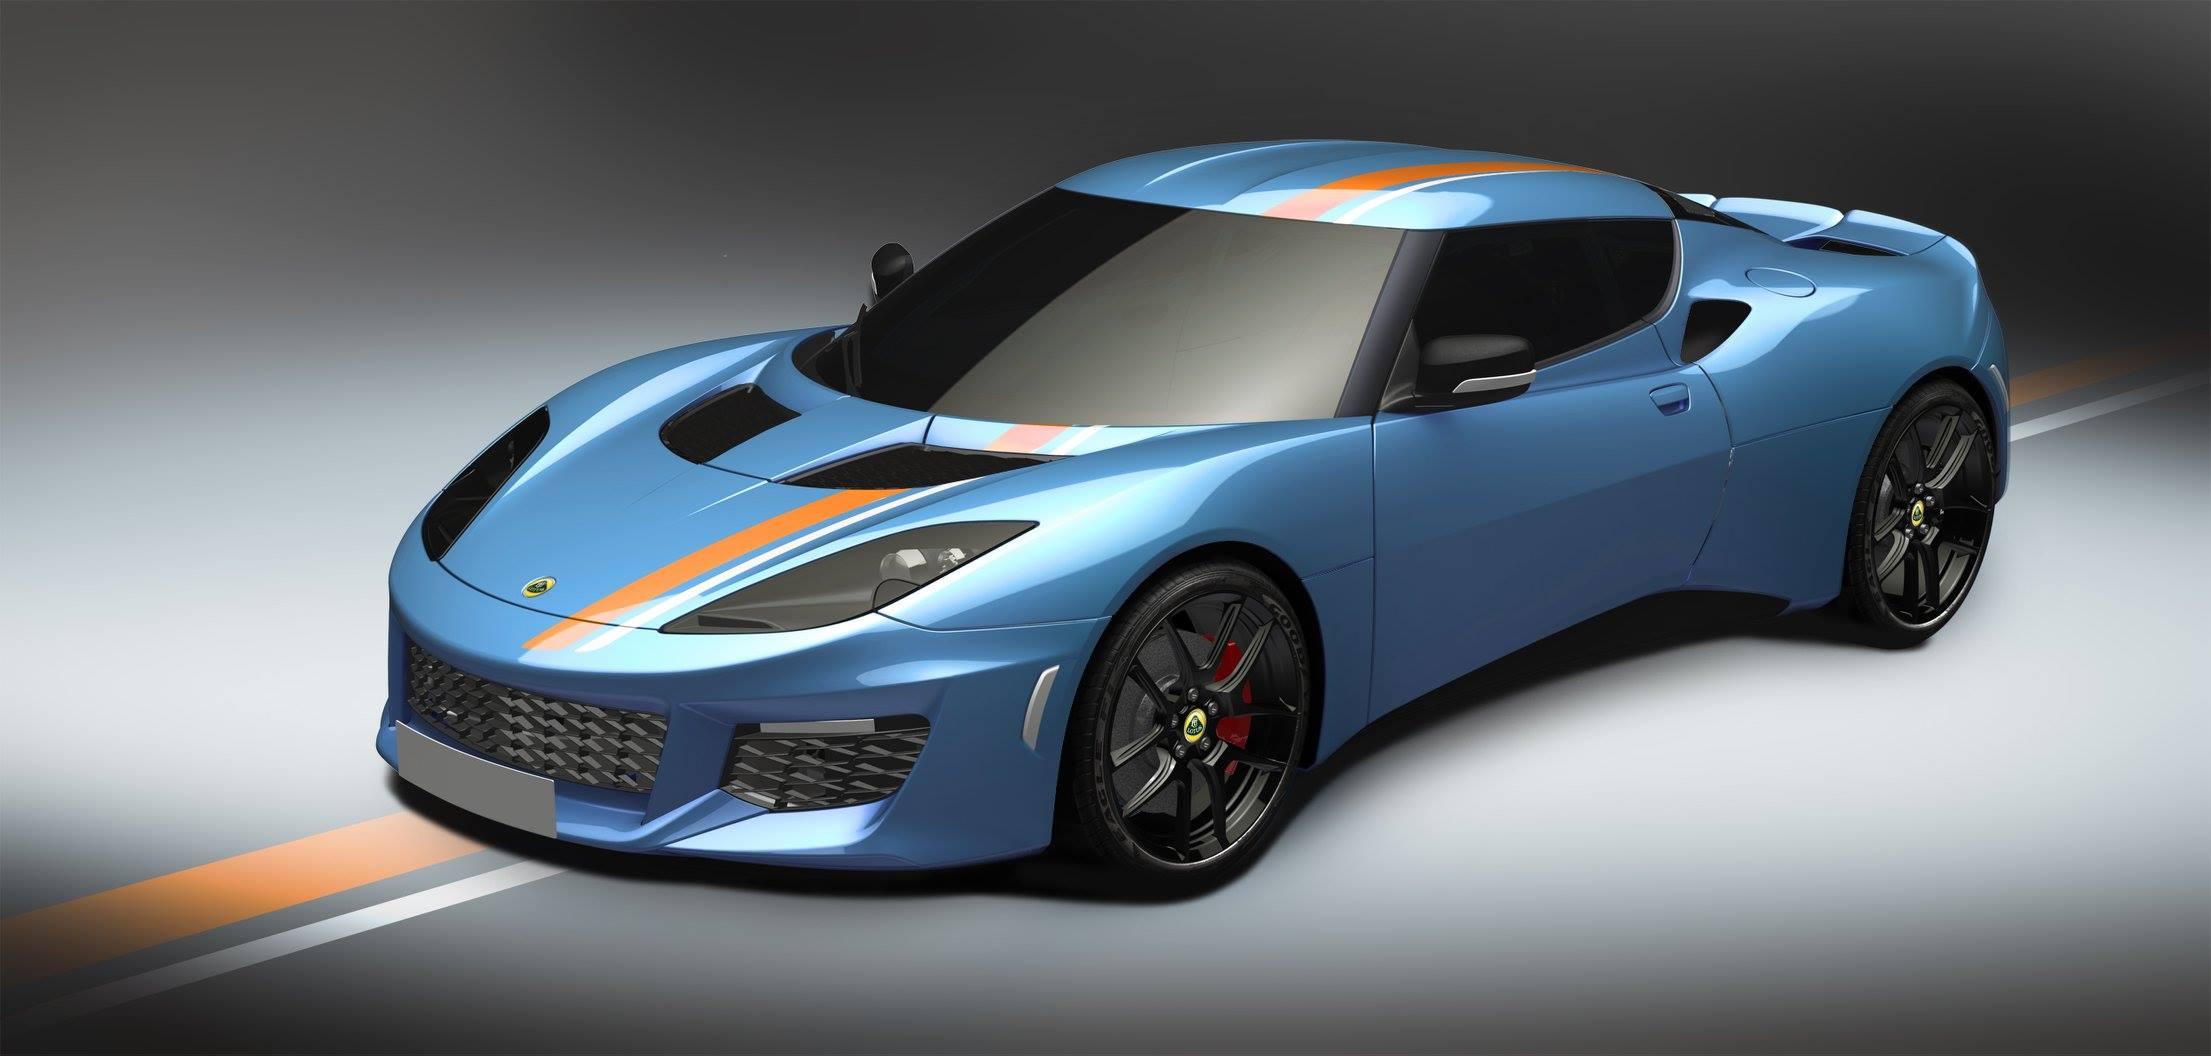 Lotus Fans Choose Color Scheme of Limited-Edition Evora 400